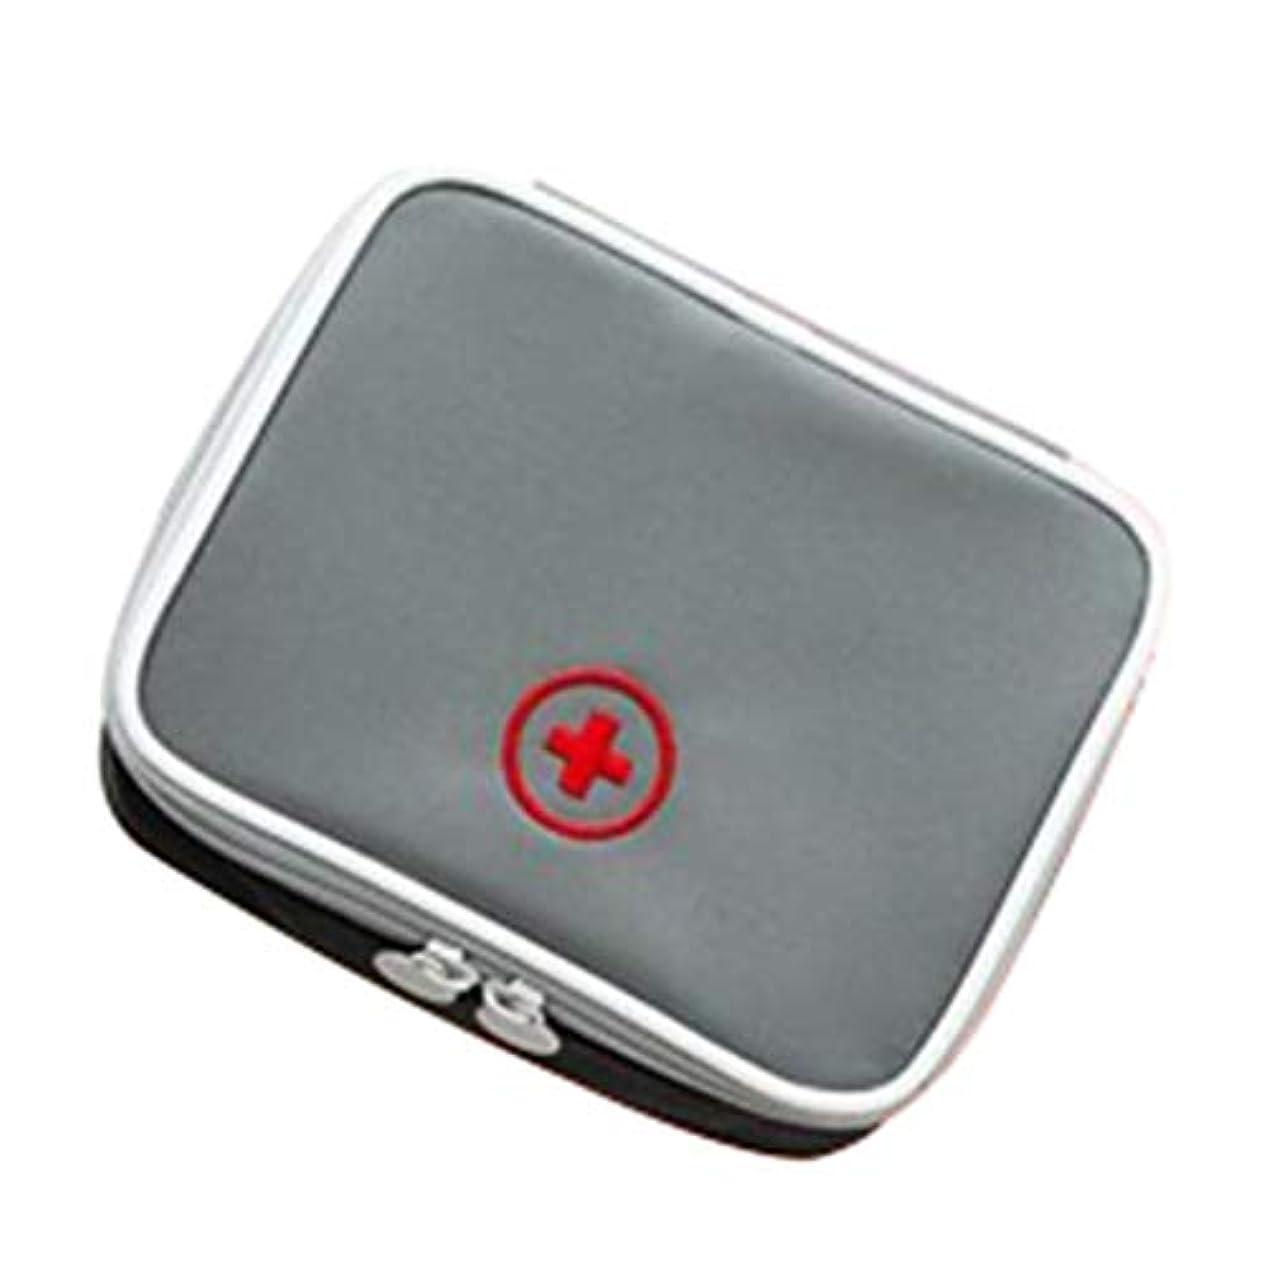 緊急用バッグ 応急処置キット医療ポーチ緊急キットバッグ在宅勤務、旅行の休日の車やキャンプに適し130 x 100 x 40 mm HMMSP (Color : Gray)